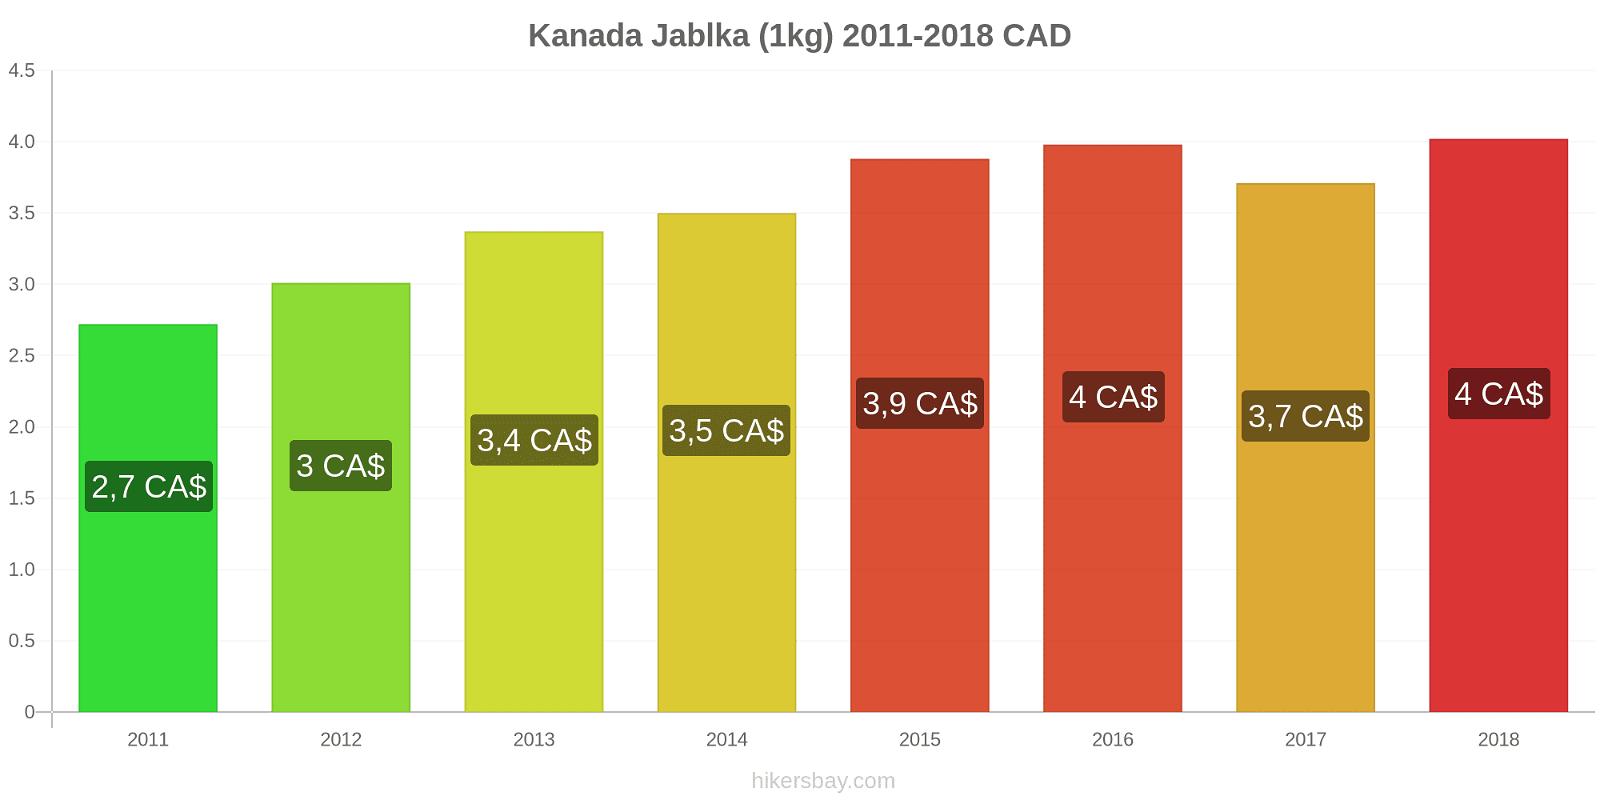 Kanada změny cen Jablka (1kg) hikersbay.com